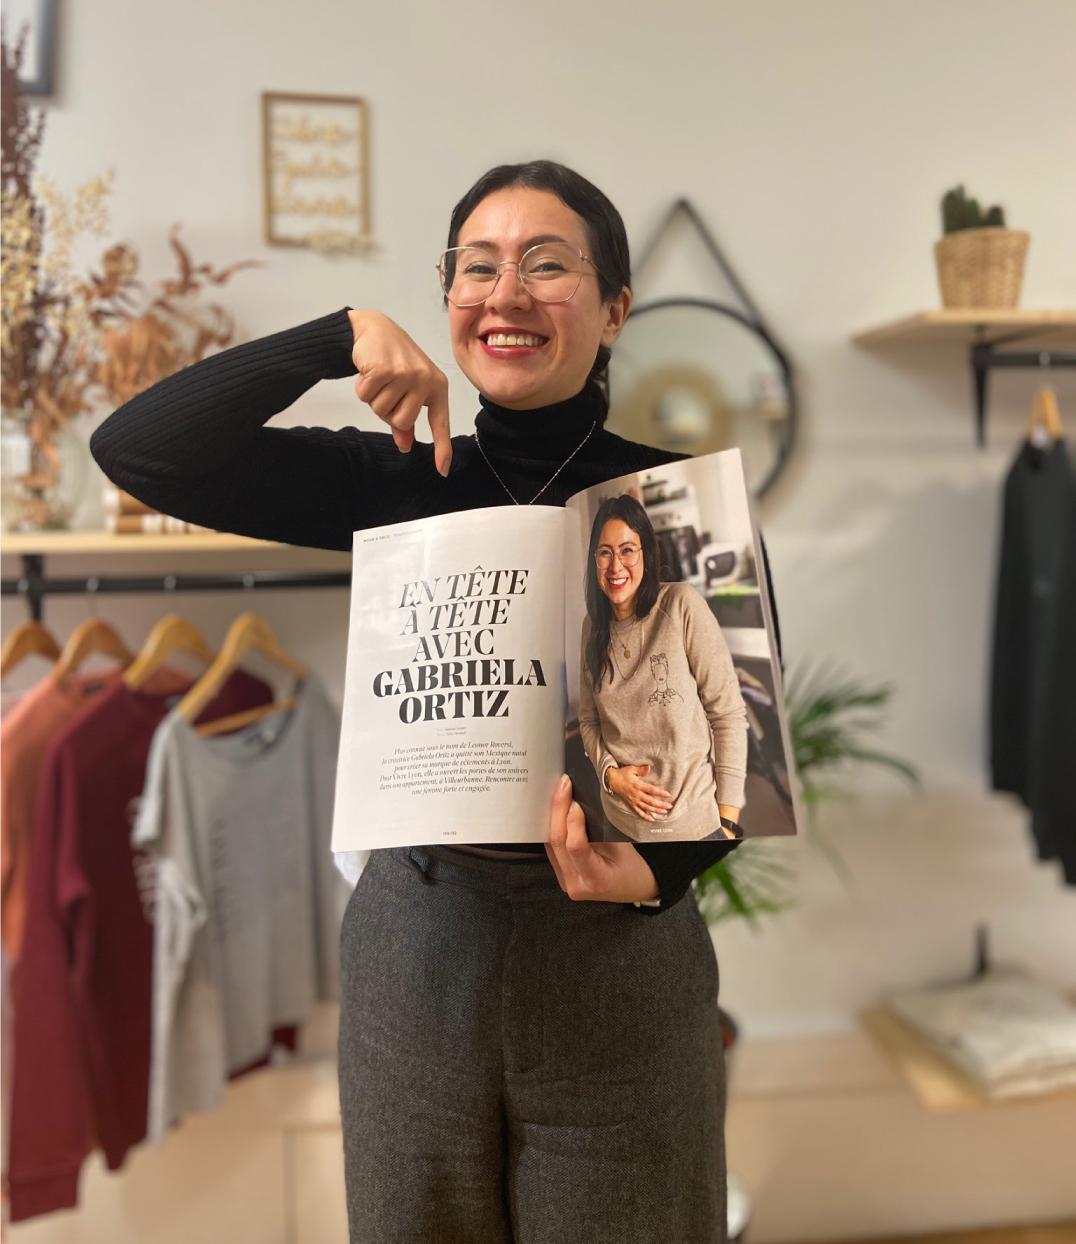 Gabriela la creatrice qui montre un article vivre lyon